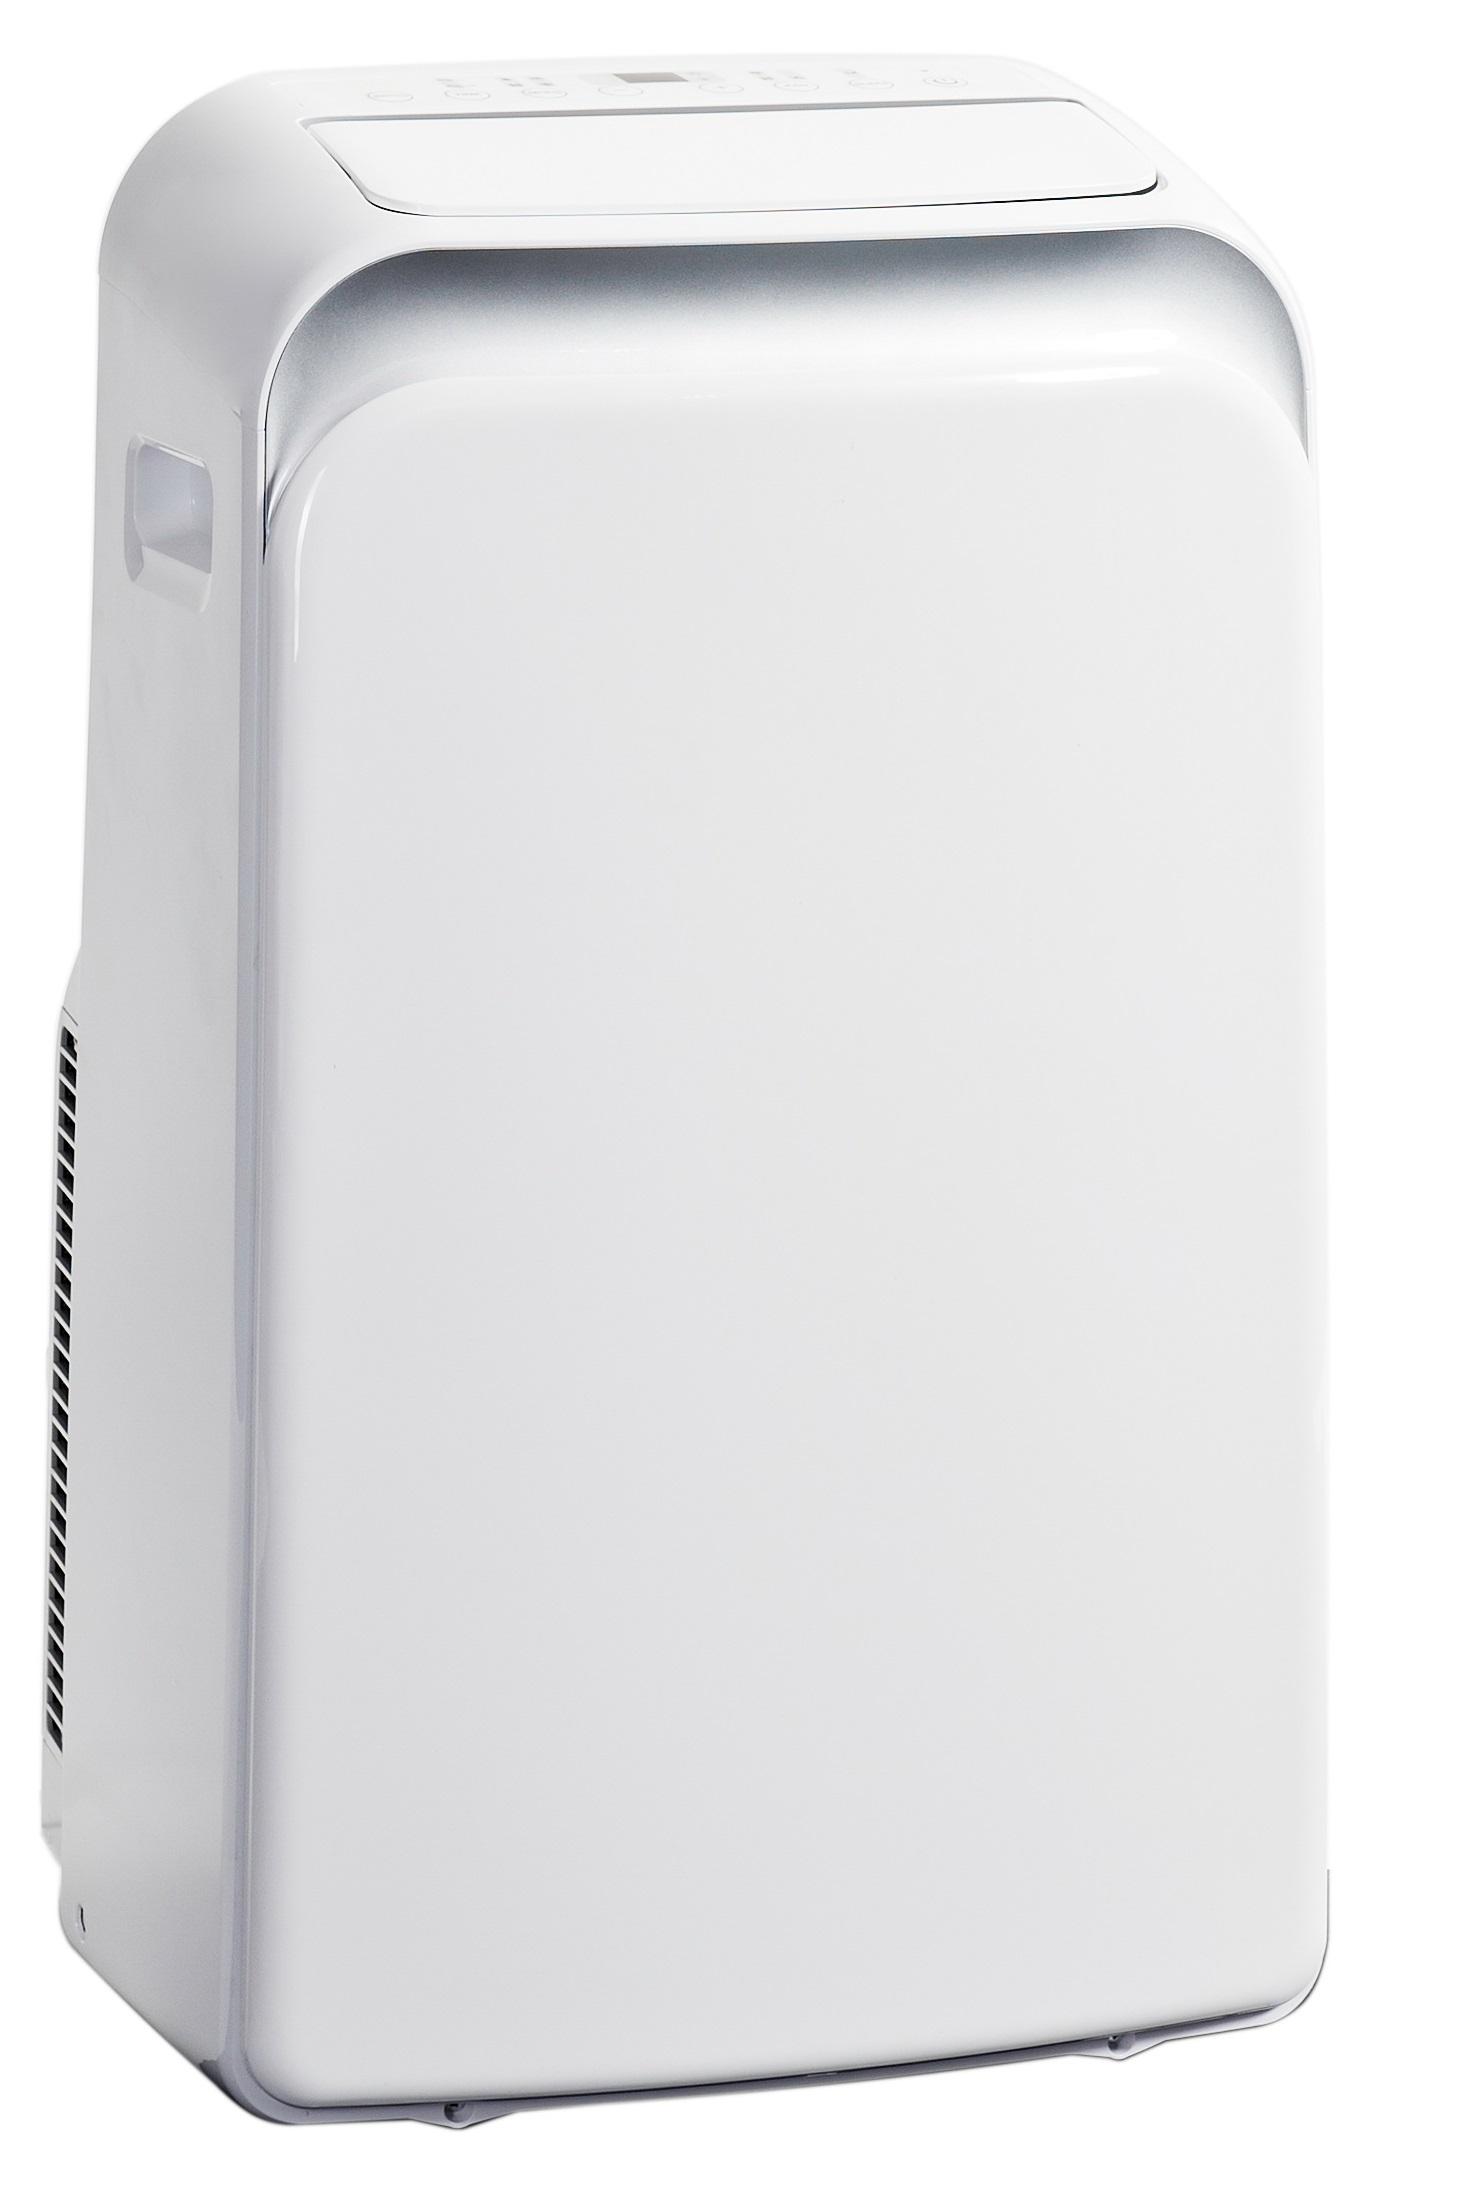 Mobilní klimatizace Midea/Comfee MPD1-12CRN1 - 3 roky záruka